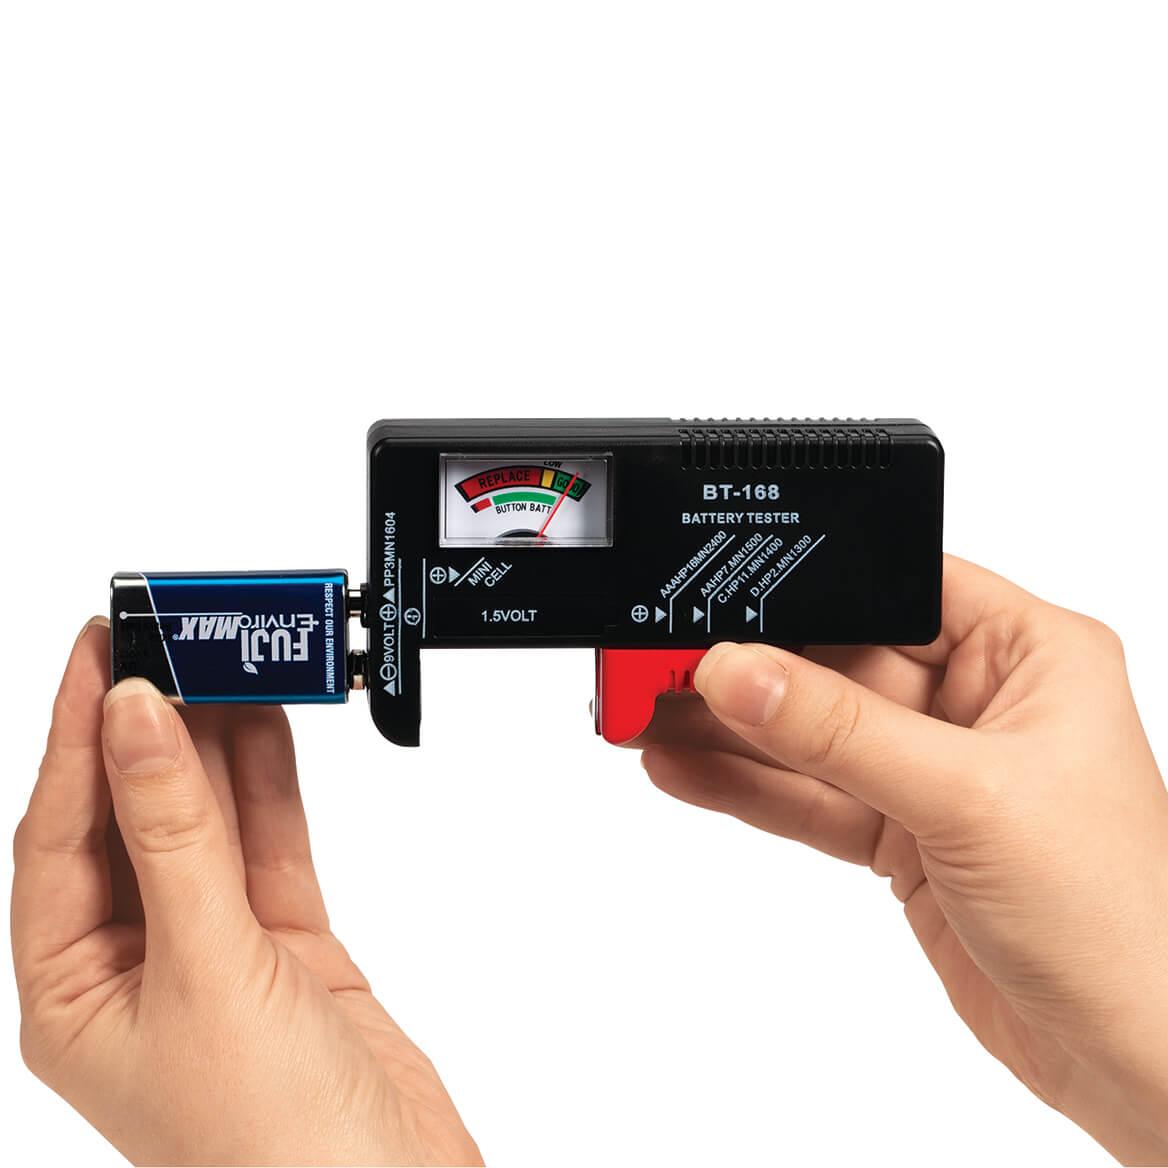 Battery Tester-310274